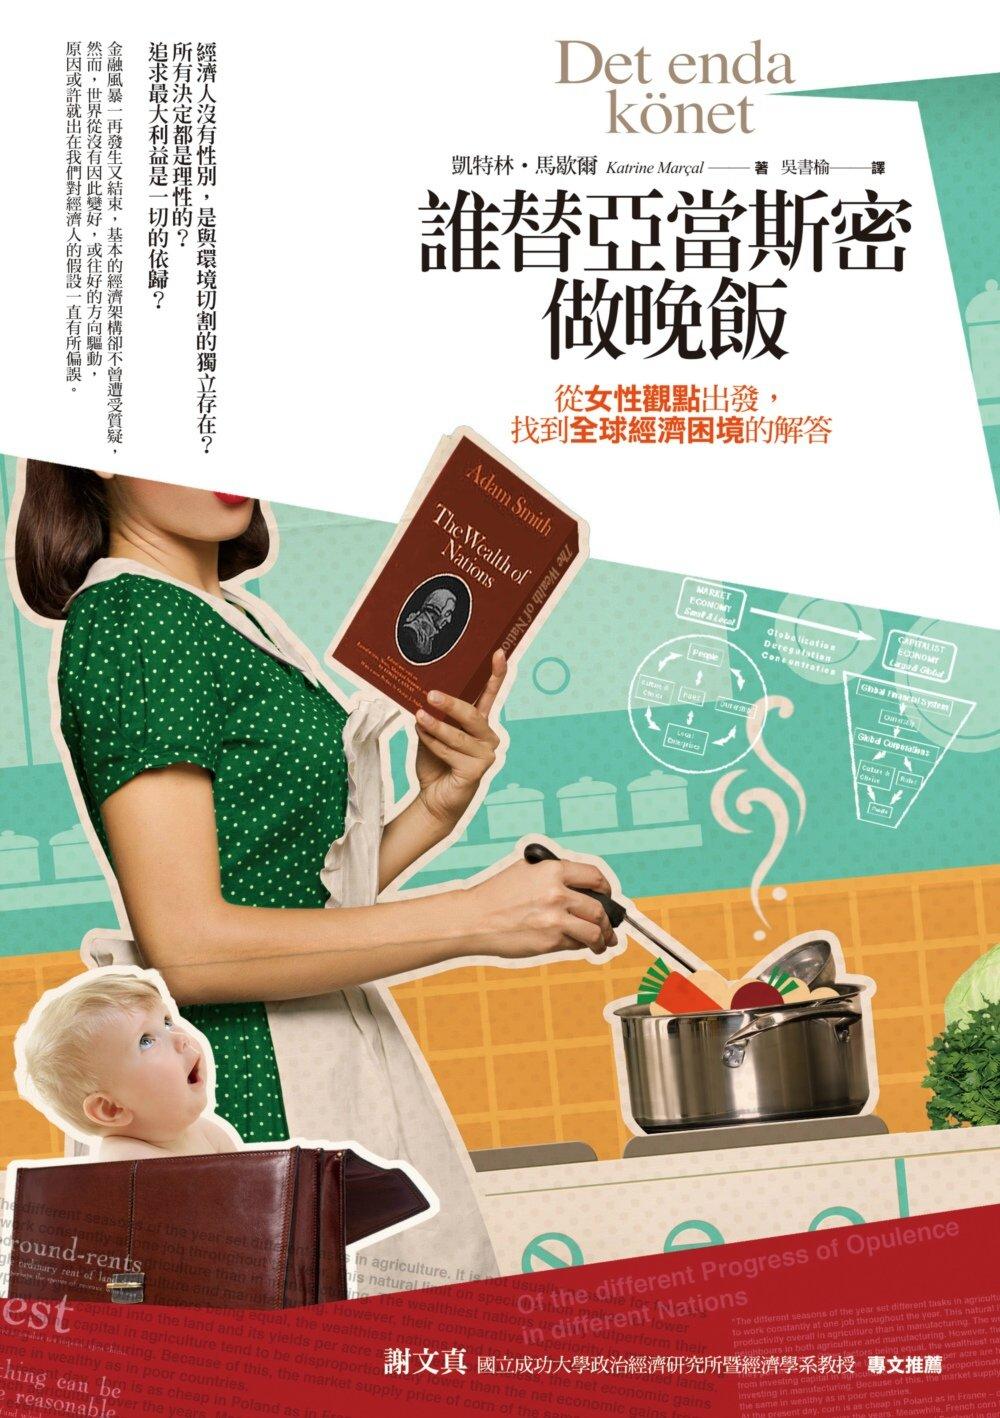 誰替亞當斯密做晚飯:從女性觀點出發,找到全球經濟困境的解答